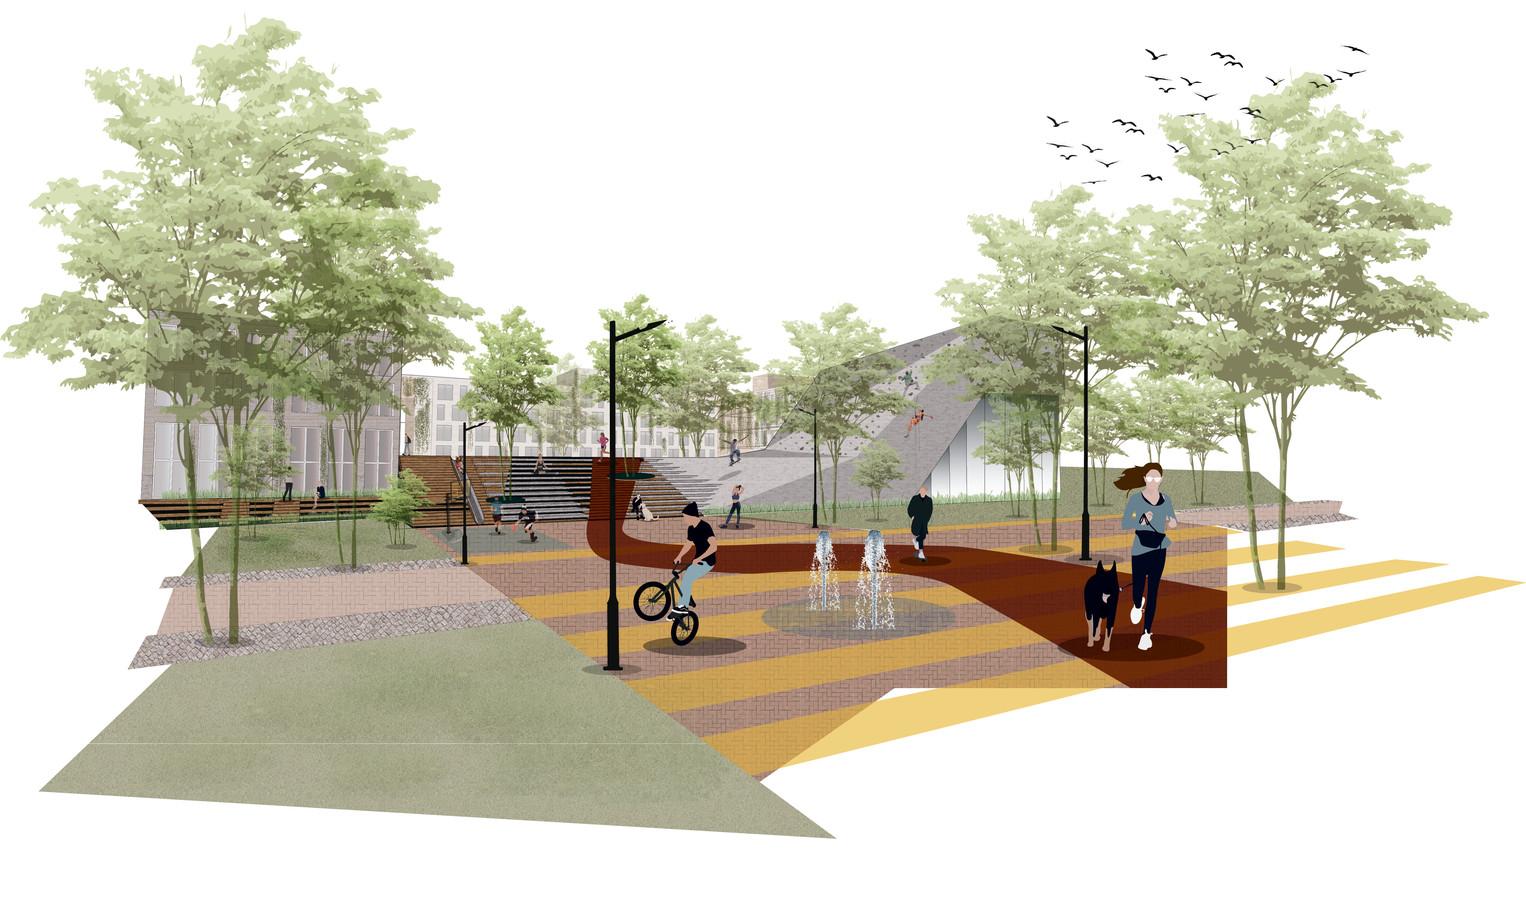 Schets van het woon- en sportcomplex dat moet verrijzen in het Olympuskwartier in Arnhem-Zuid, nabij de Decathlon en De Grote Koppel.